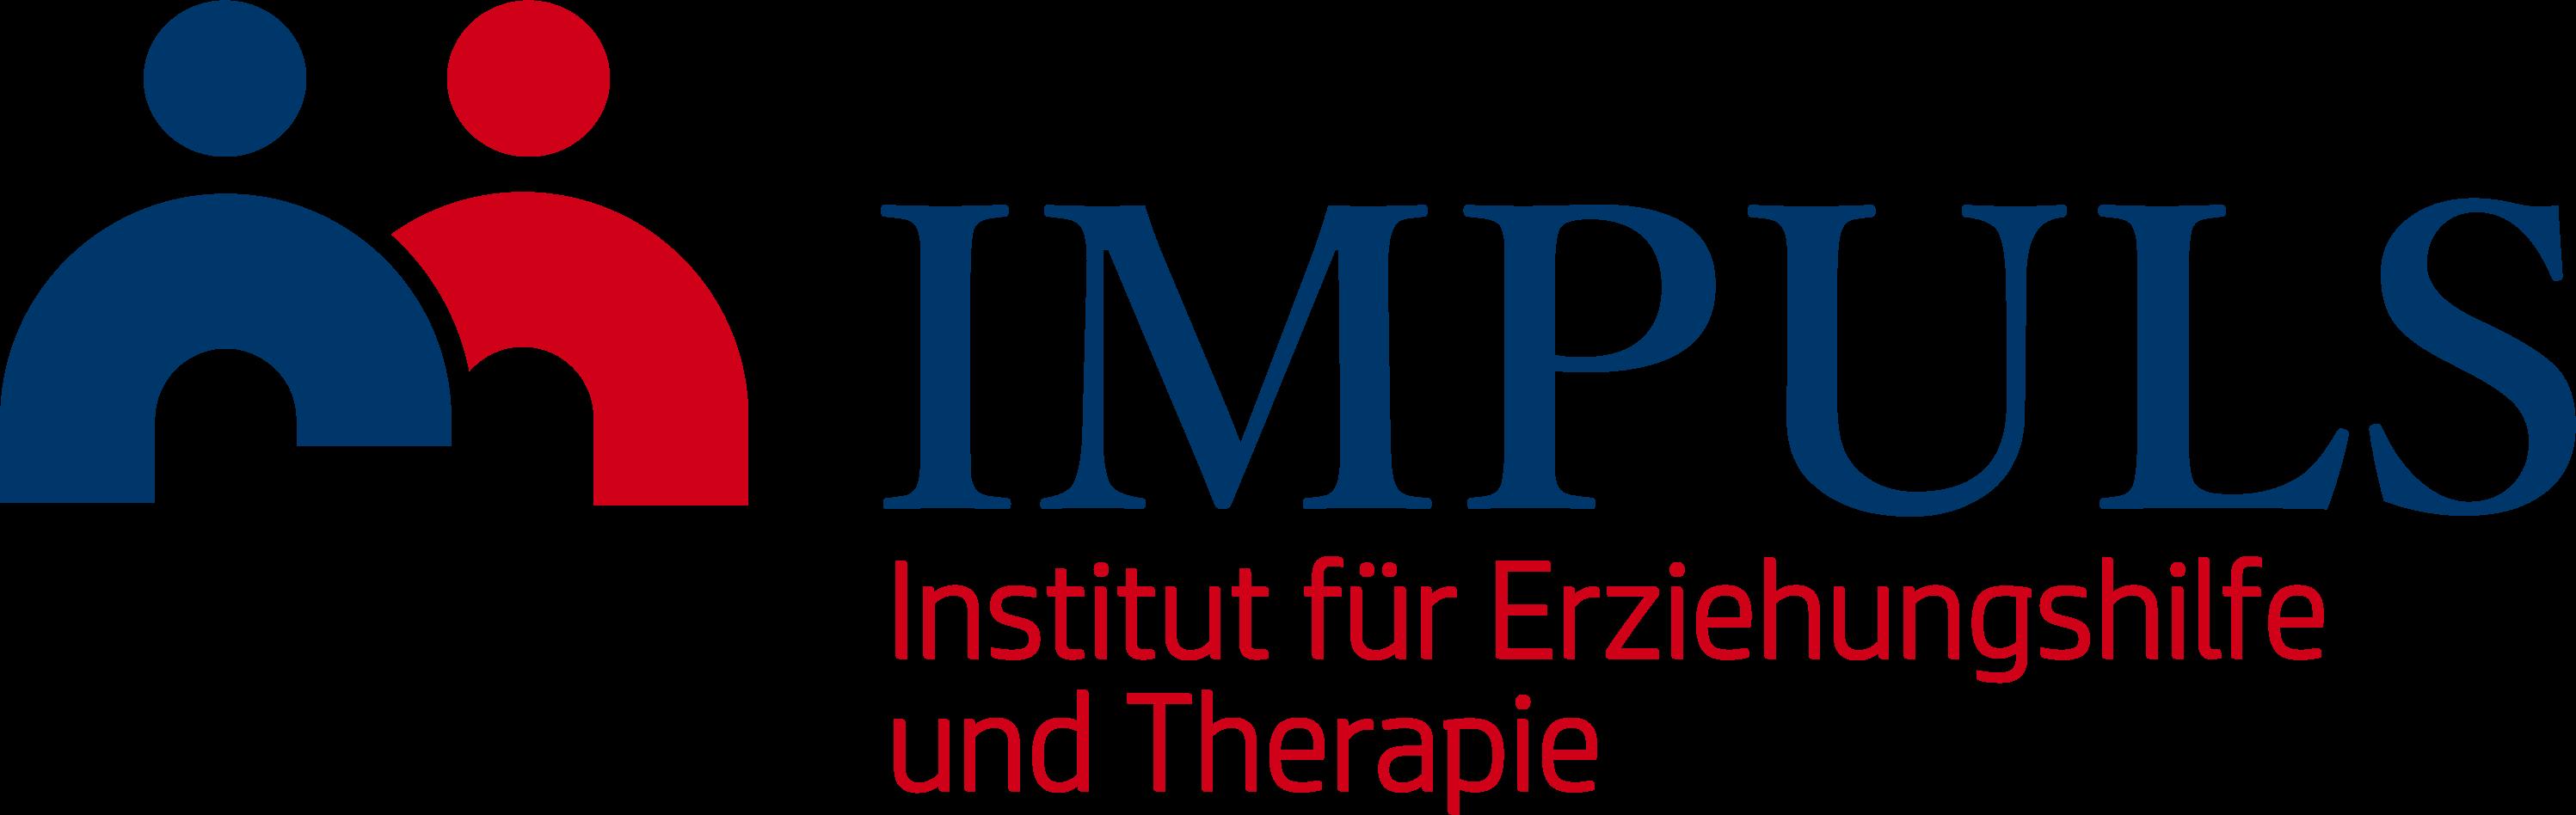 Impuls GmbH Institut für Erziehungshilfe und Therapie